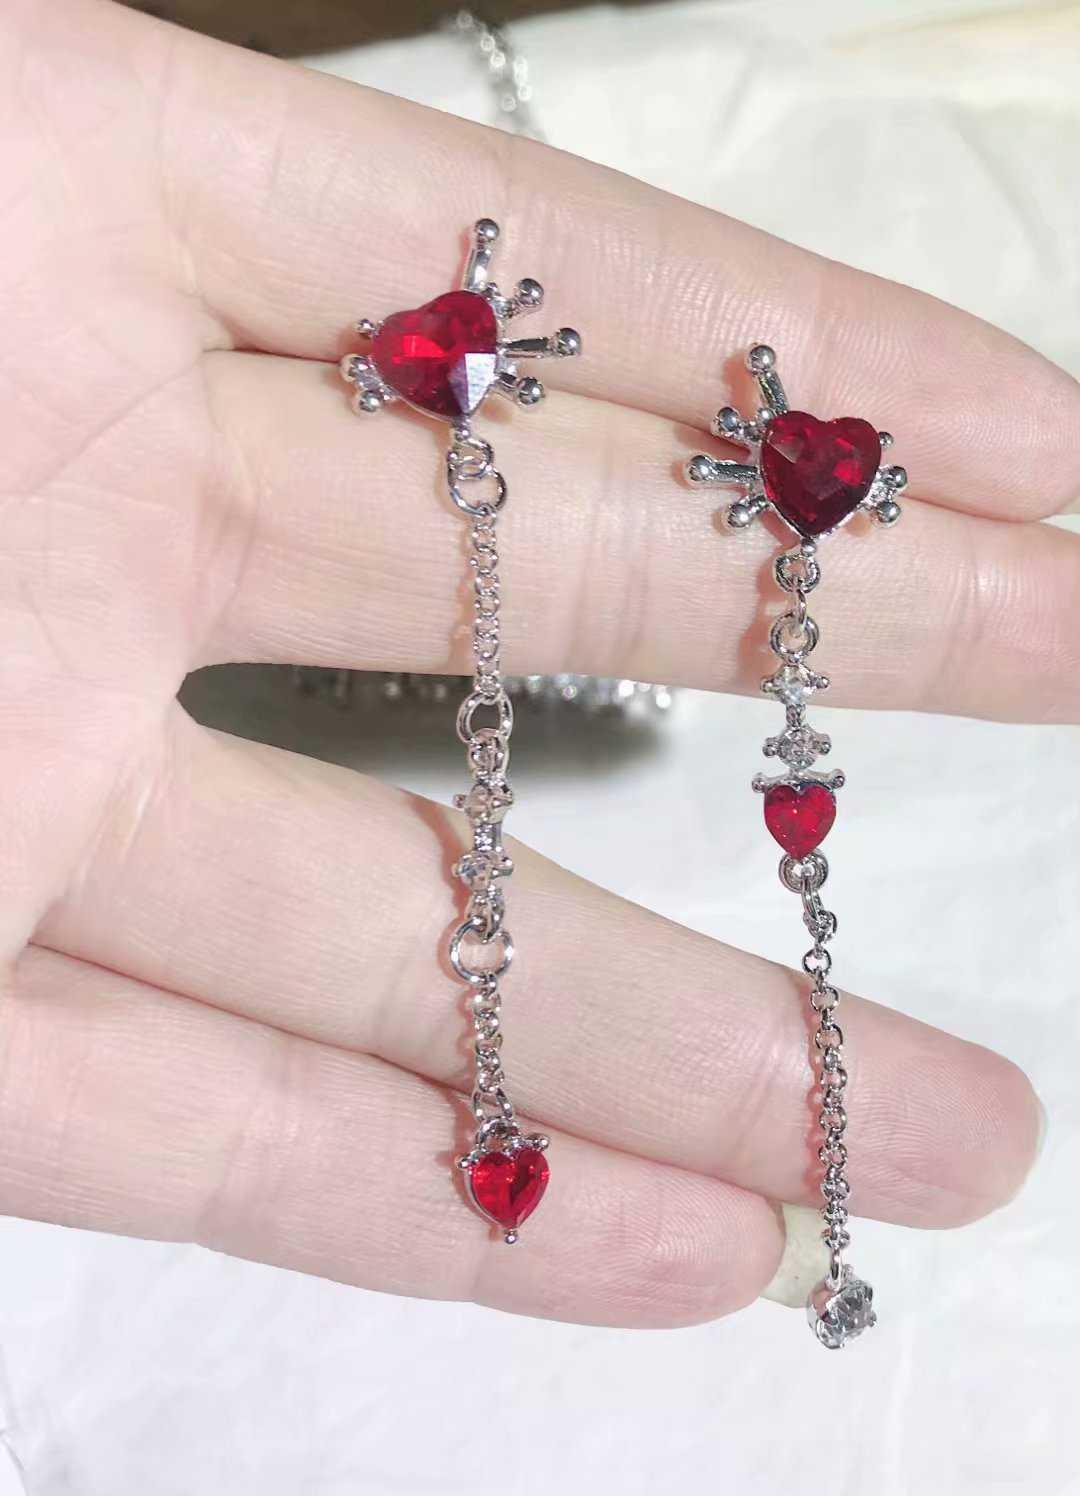 Corée du sud à qiu dong rubis mini quotidien petit amour argent aiguille boucles d'oreilles